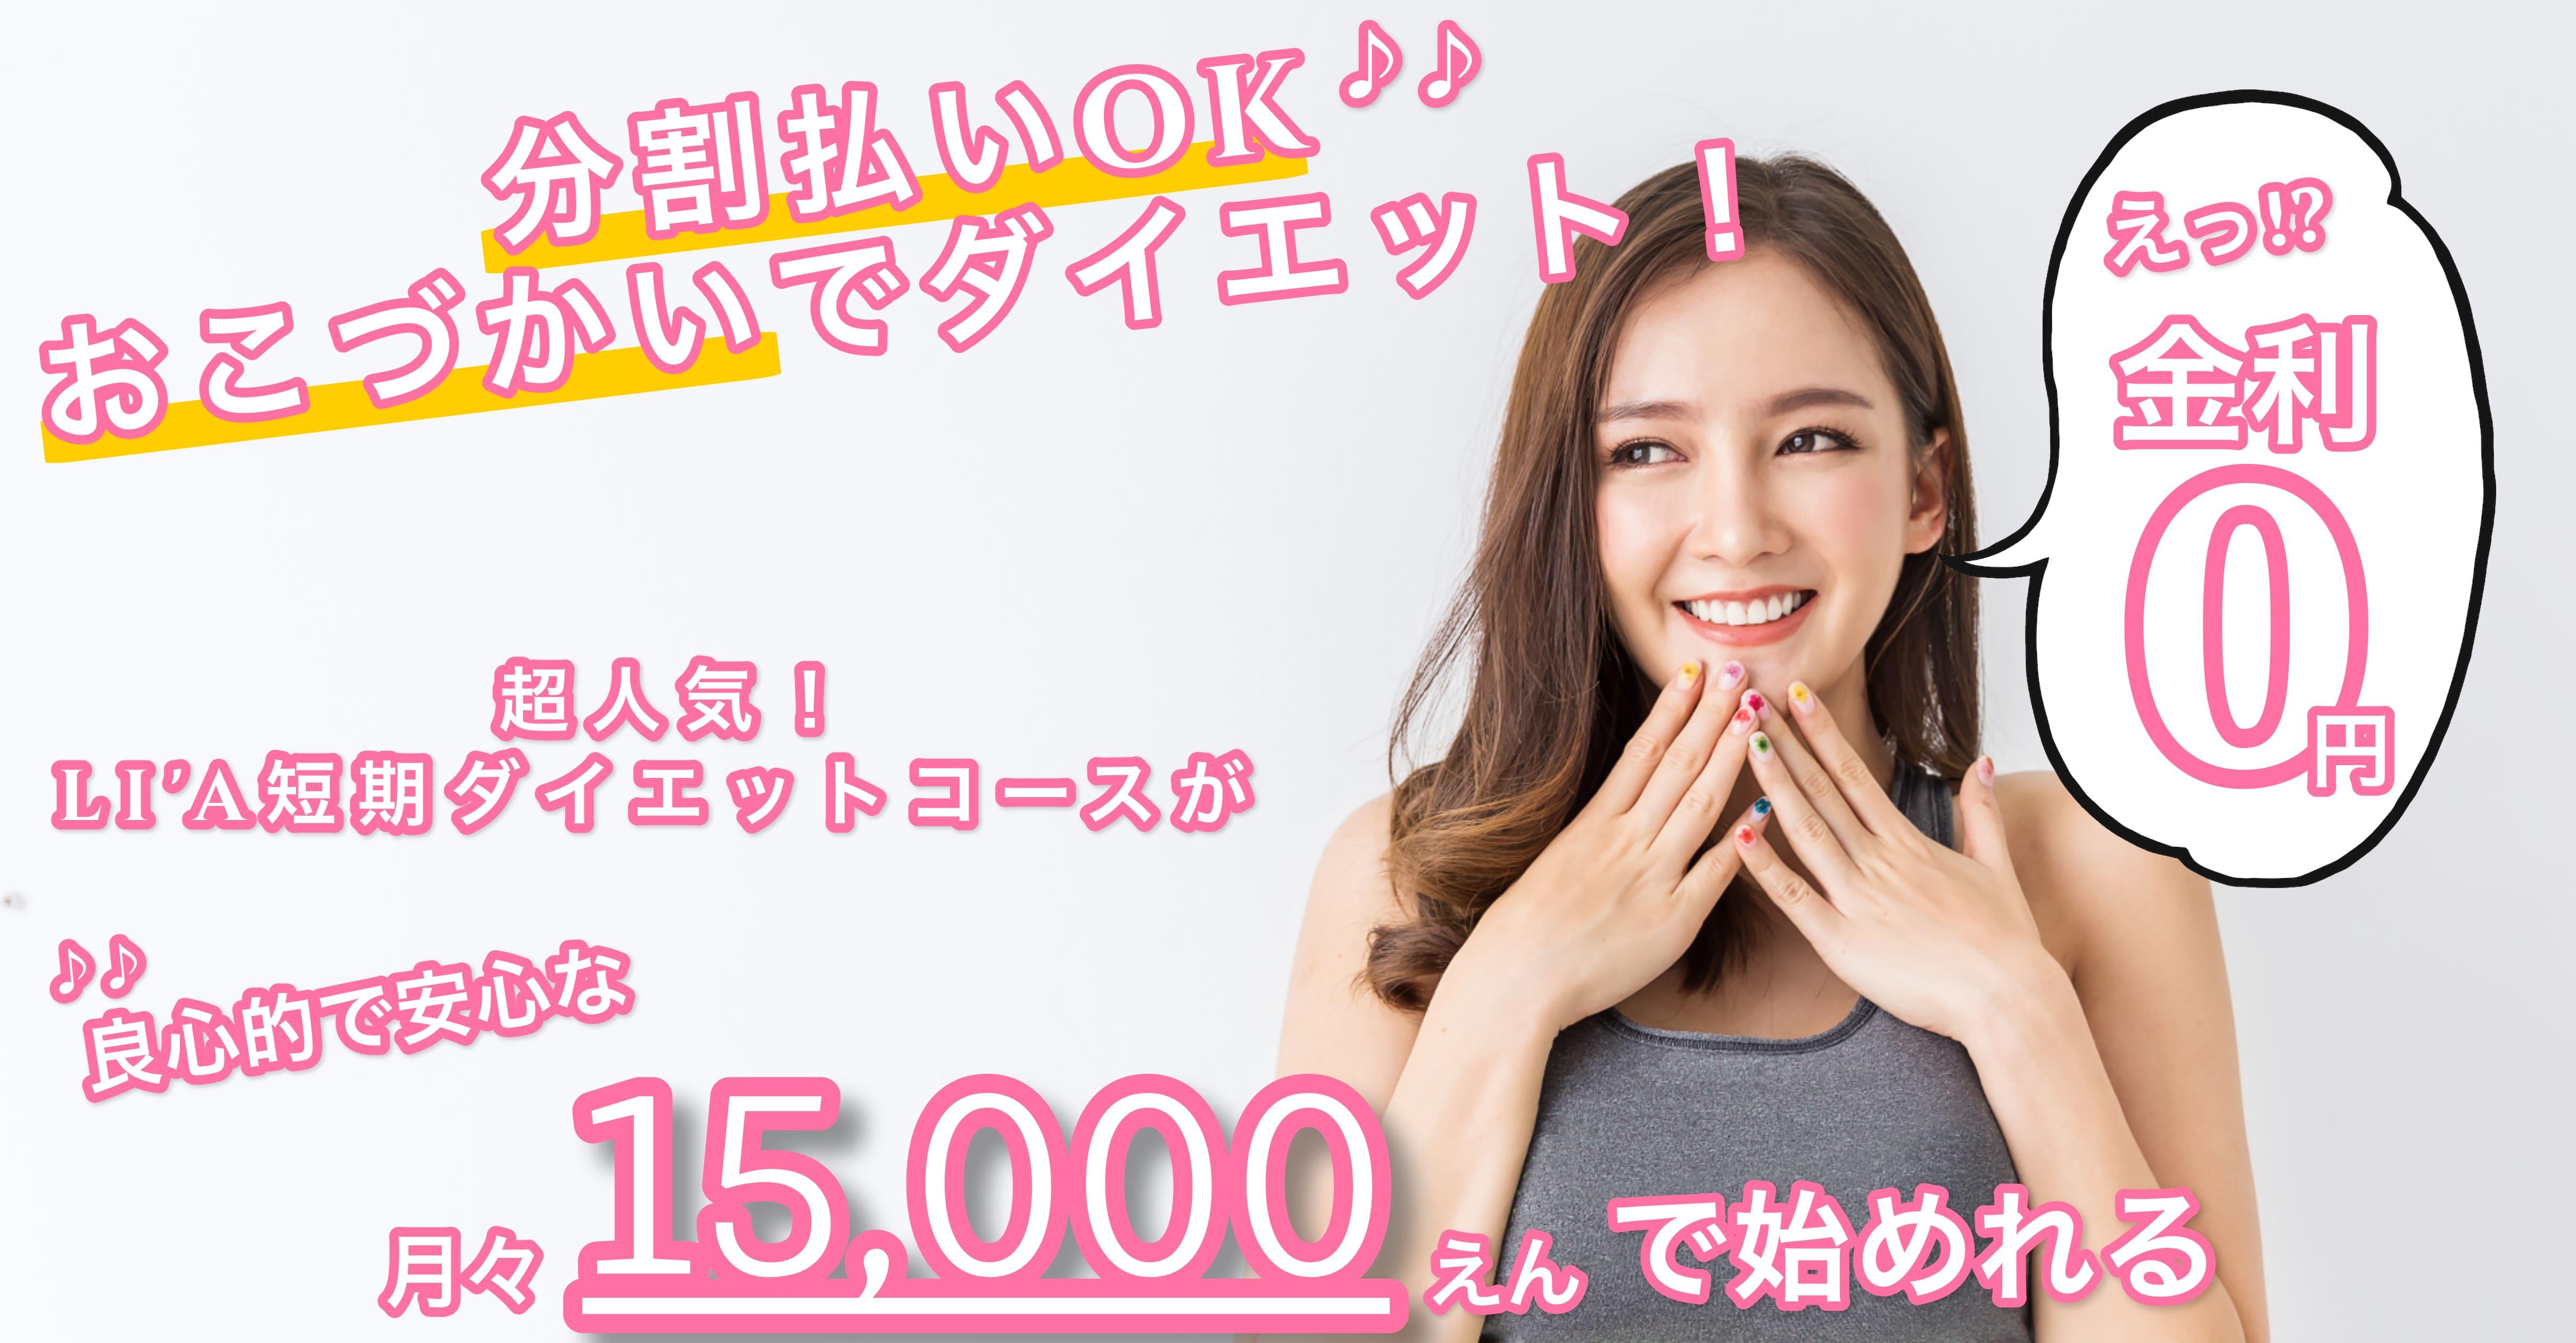 分割払いOK!お小遣いでダイエット!人気の短期集中コースが安心の月々15000円で始めれる